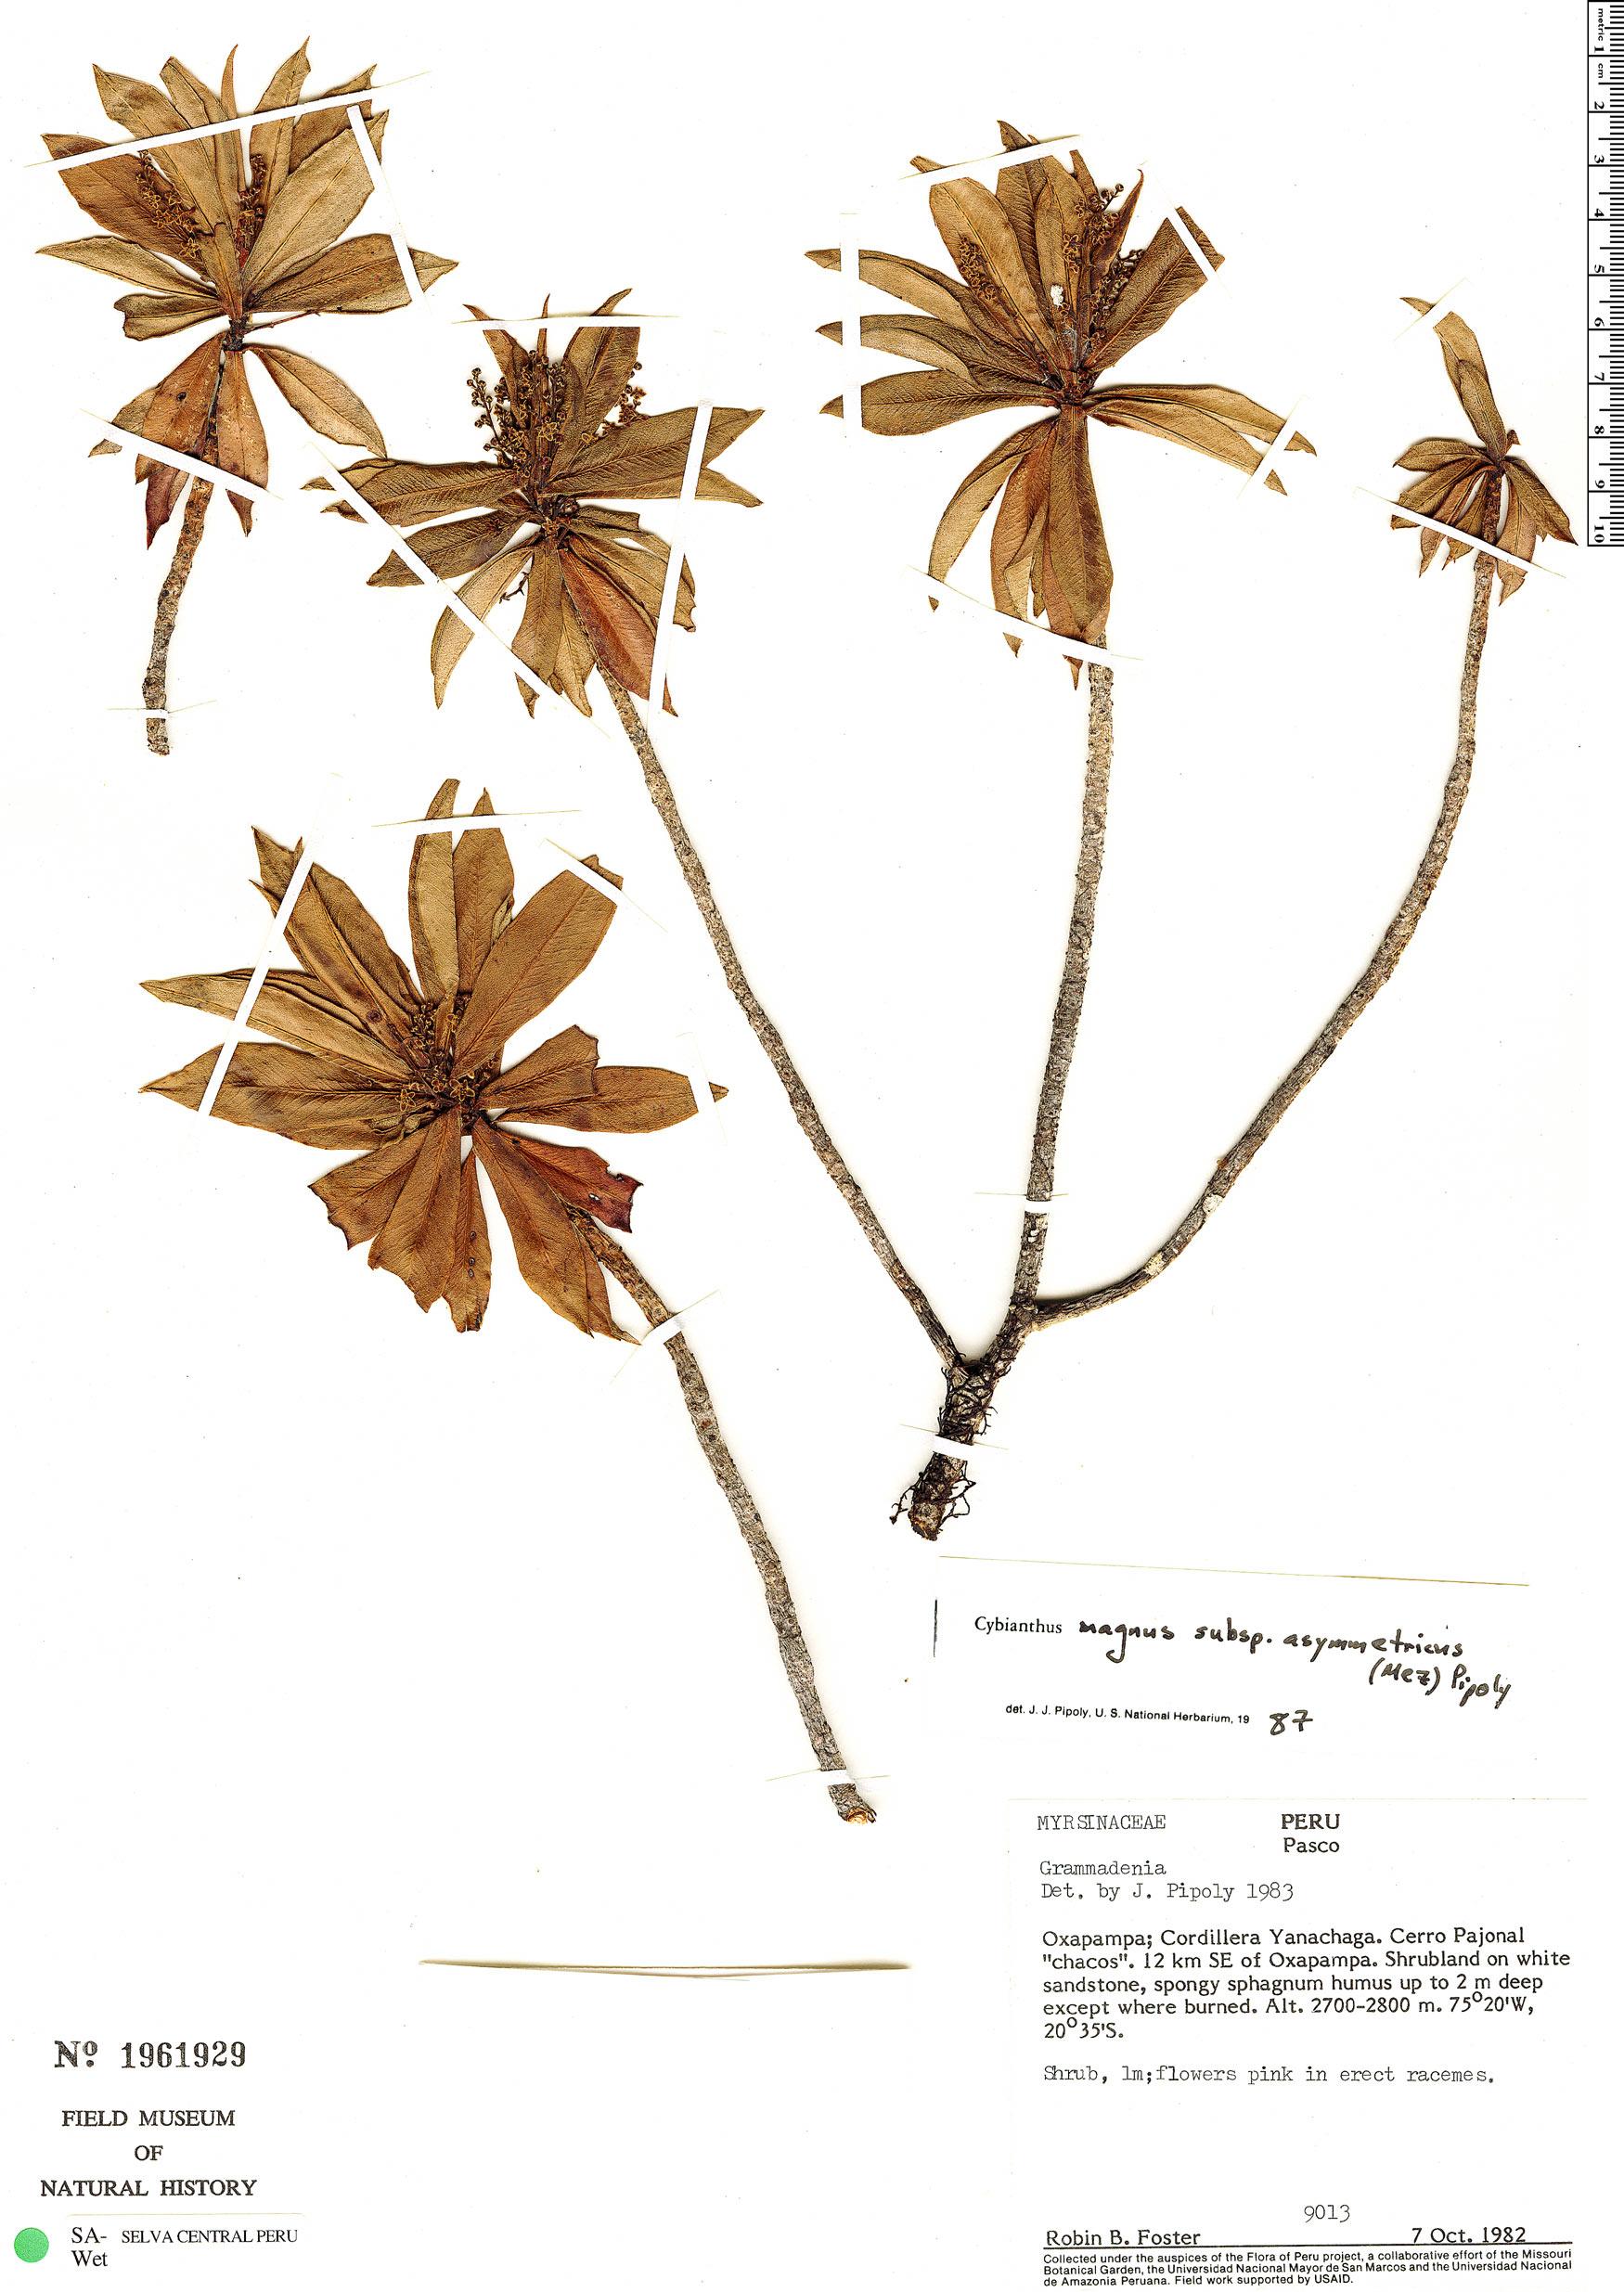 Specimen: Cybianthus magnus